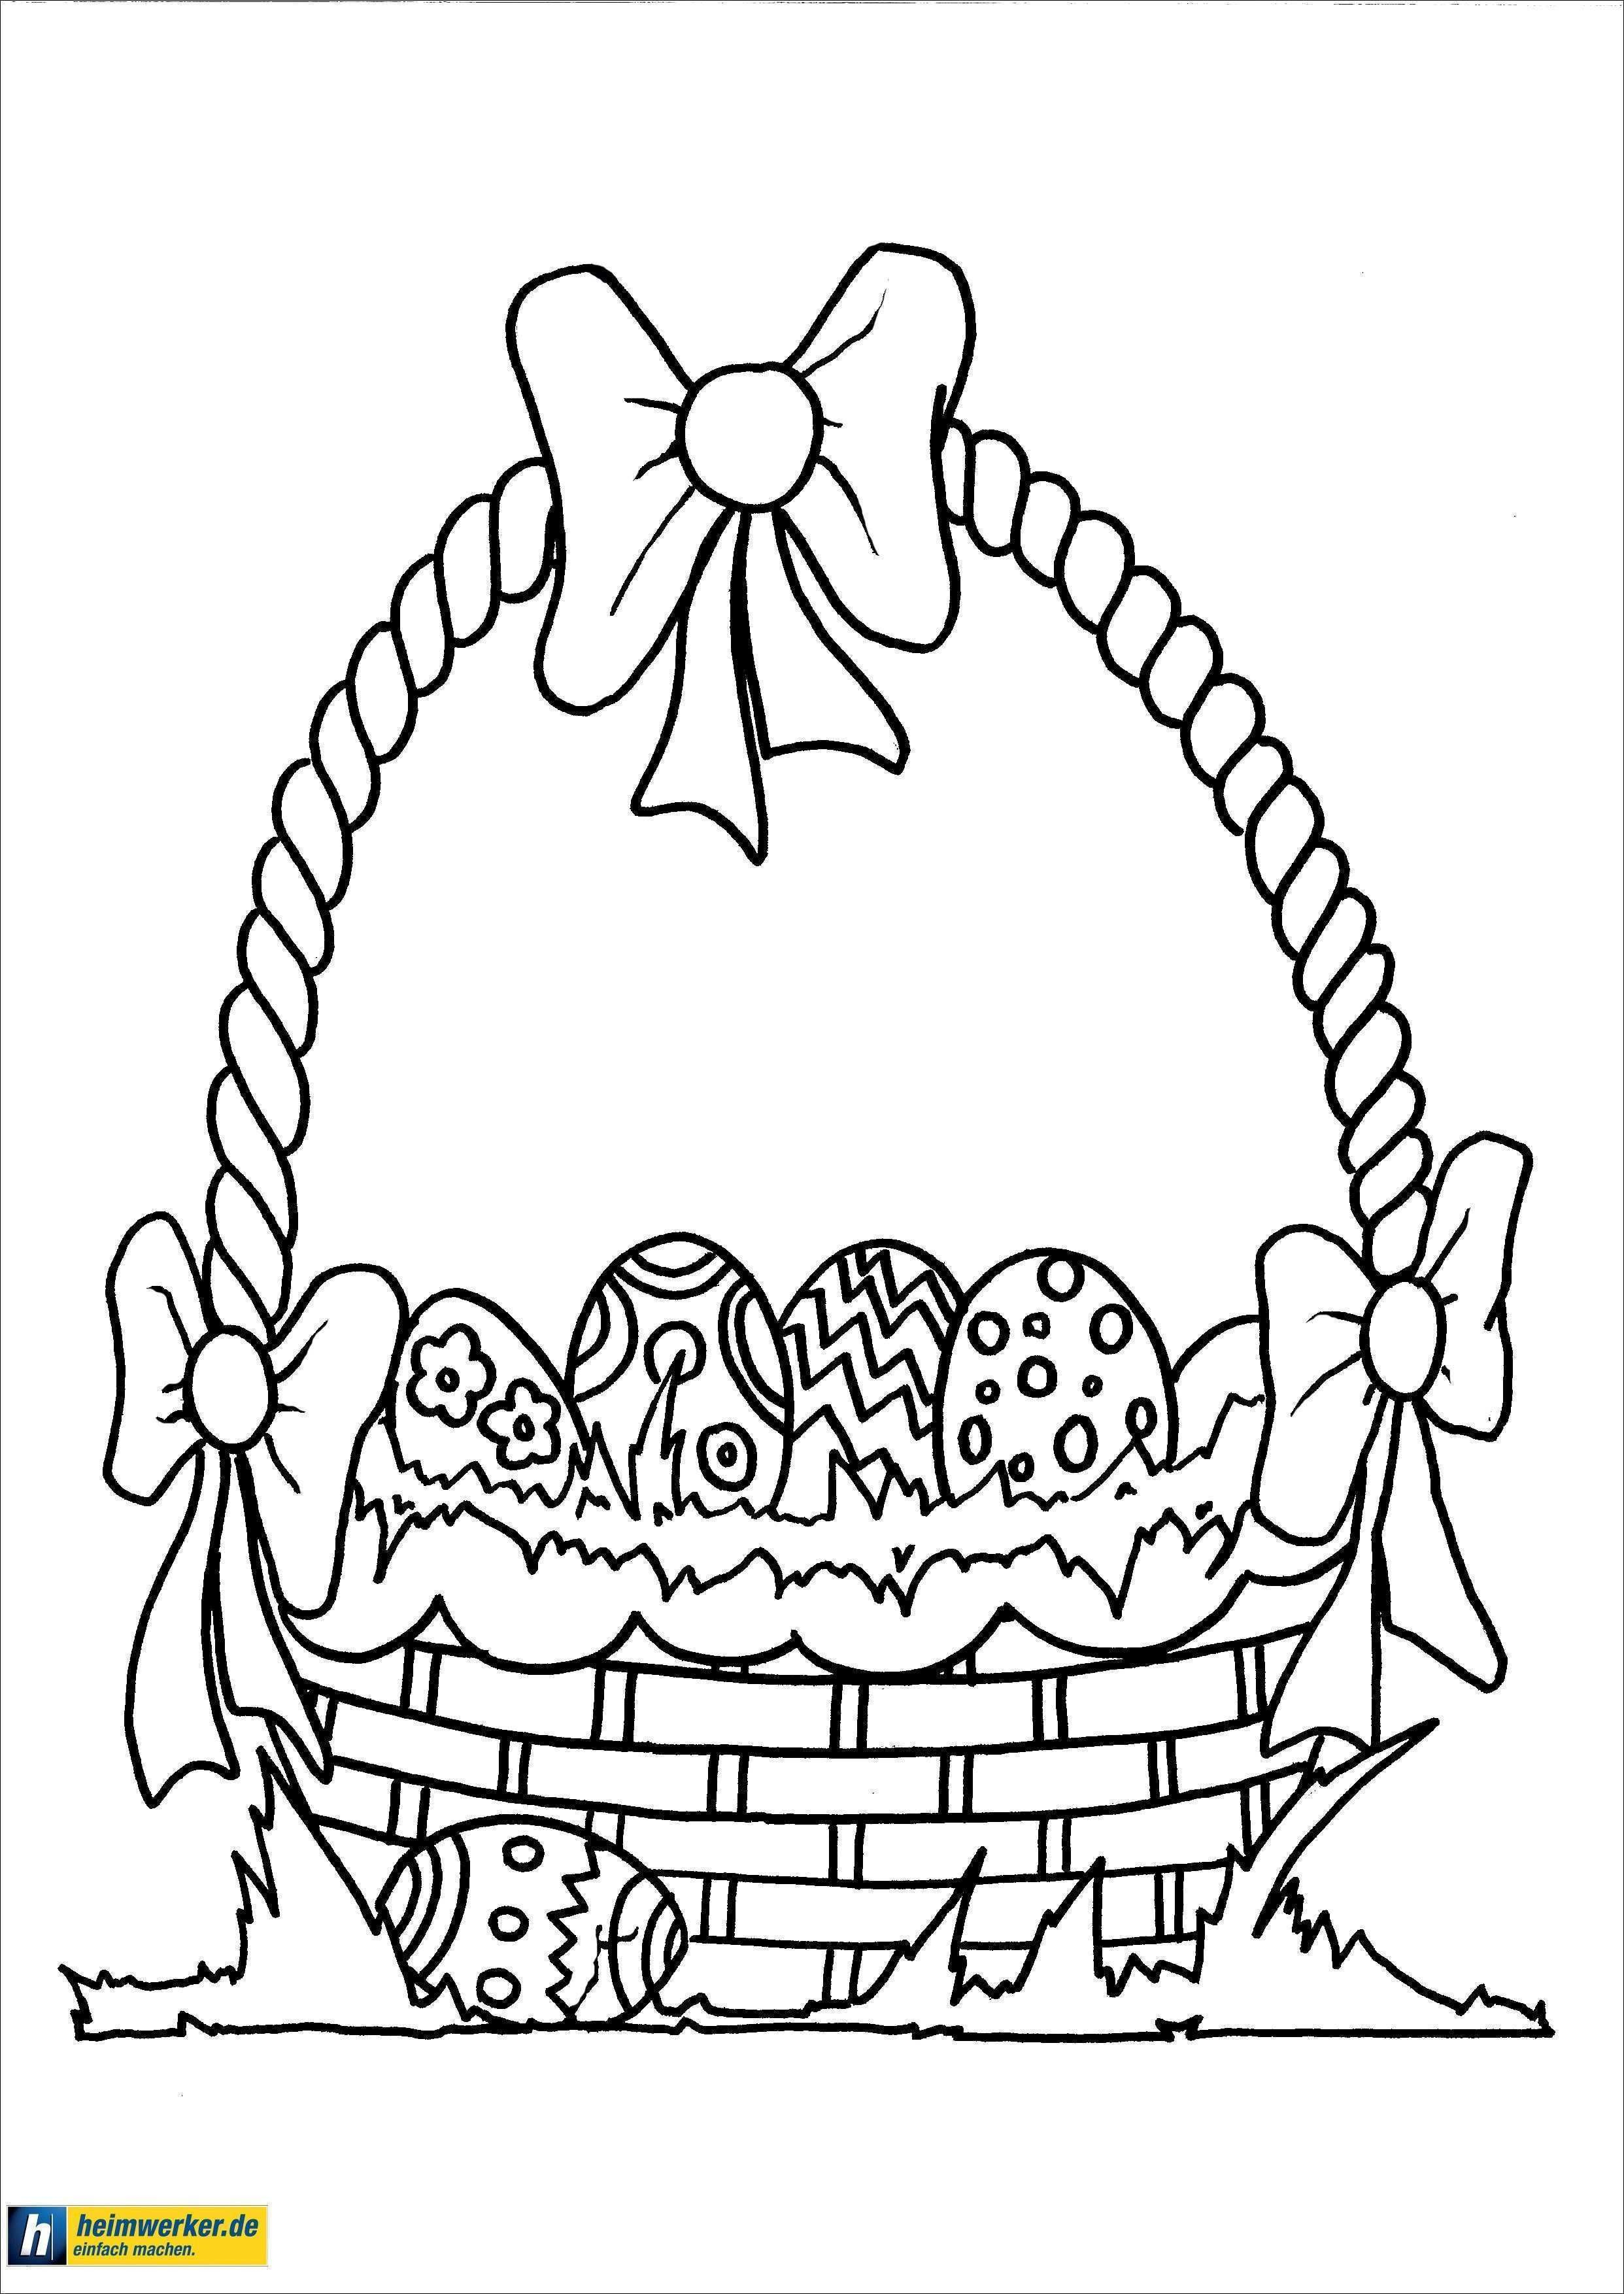 99 Einzigartig Hogwarts Wappen Zum Ausdrucken Fotografieren Ausmalbilder Malvorlagen Ostereier Ausmalen